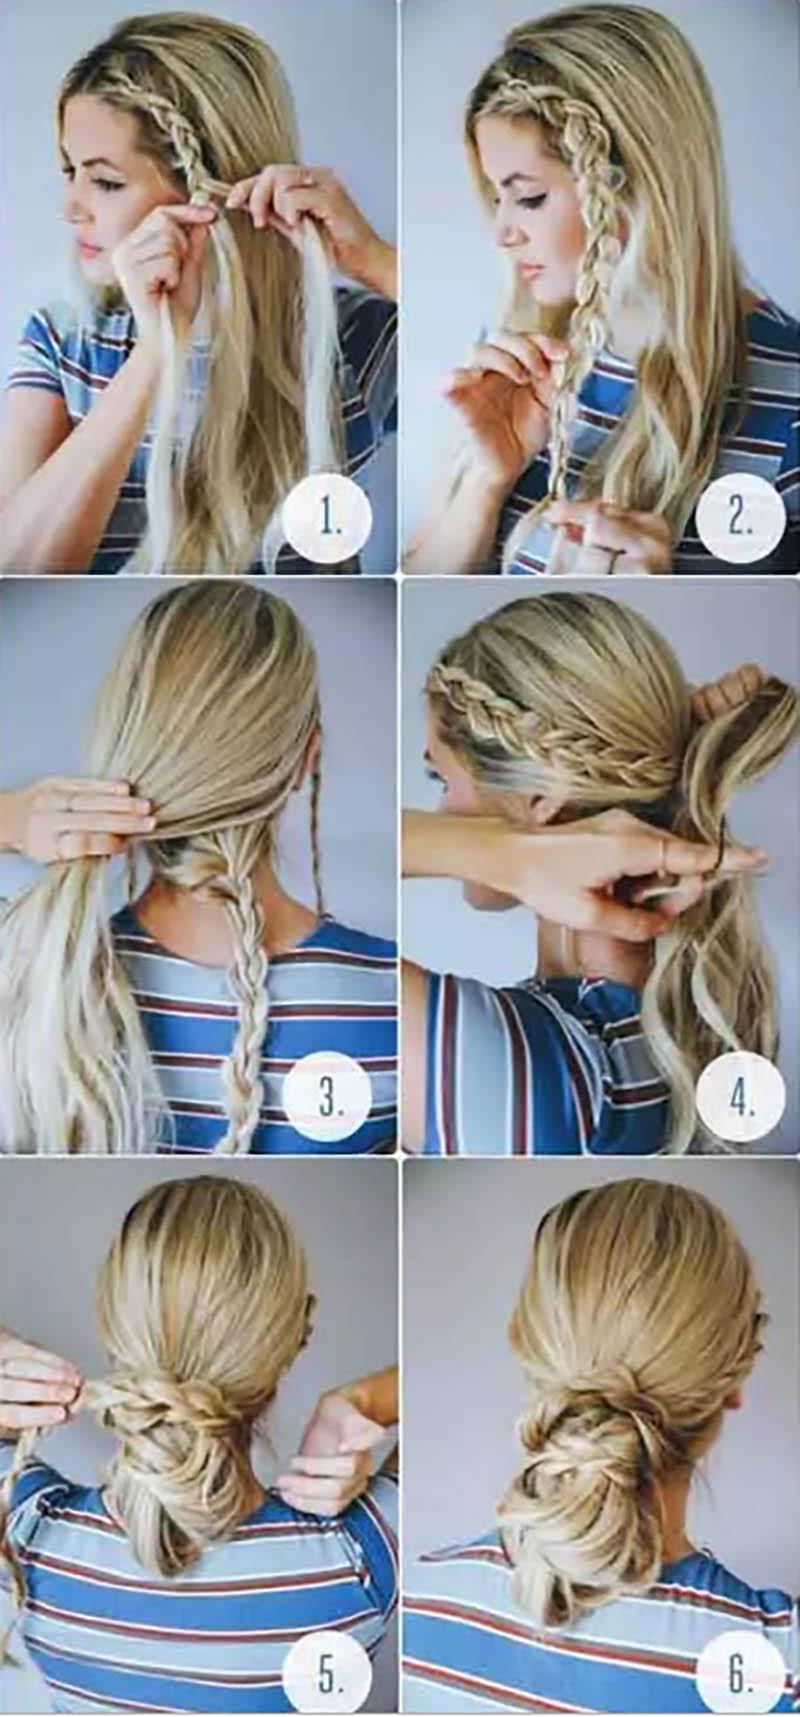 Bún tóc một bên buộc thấp